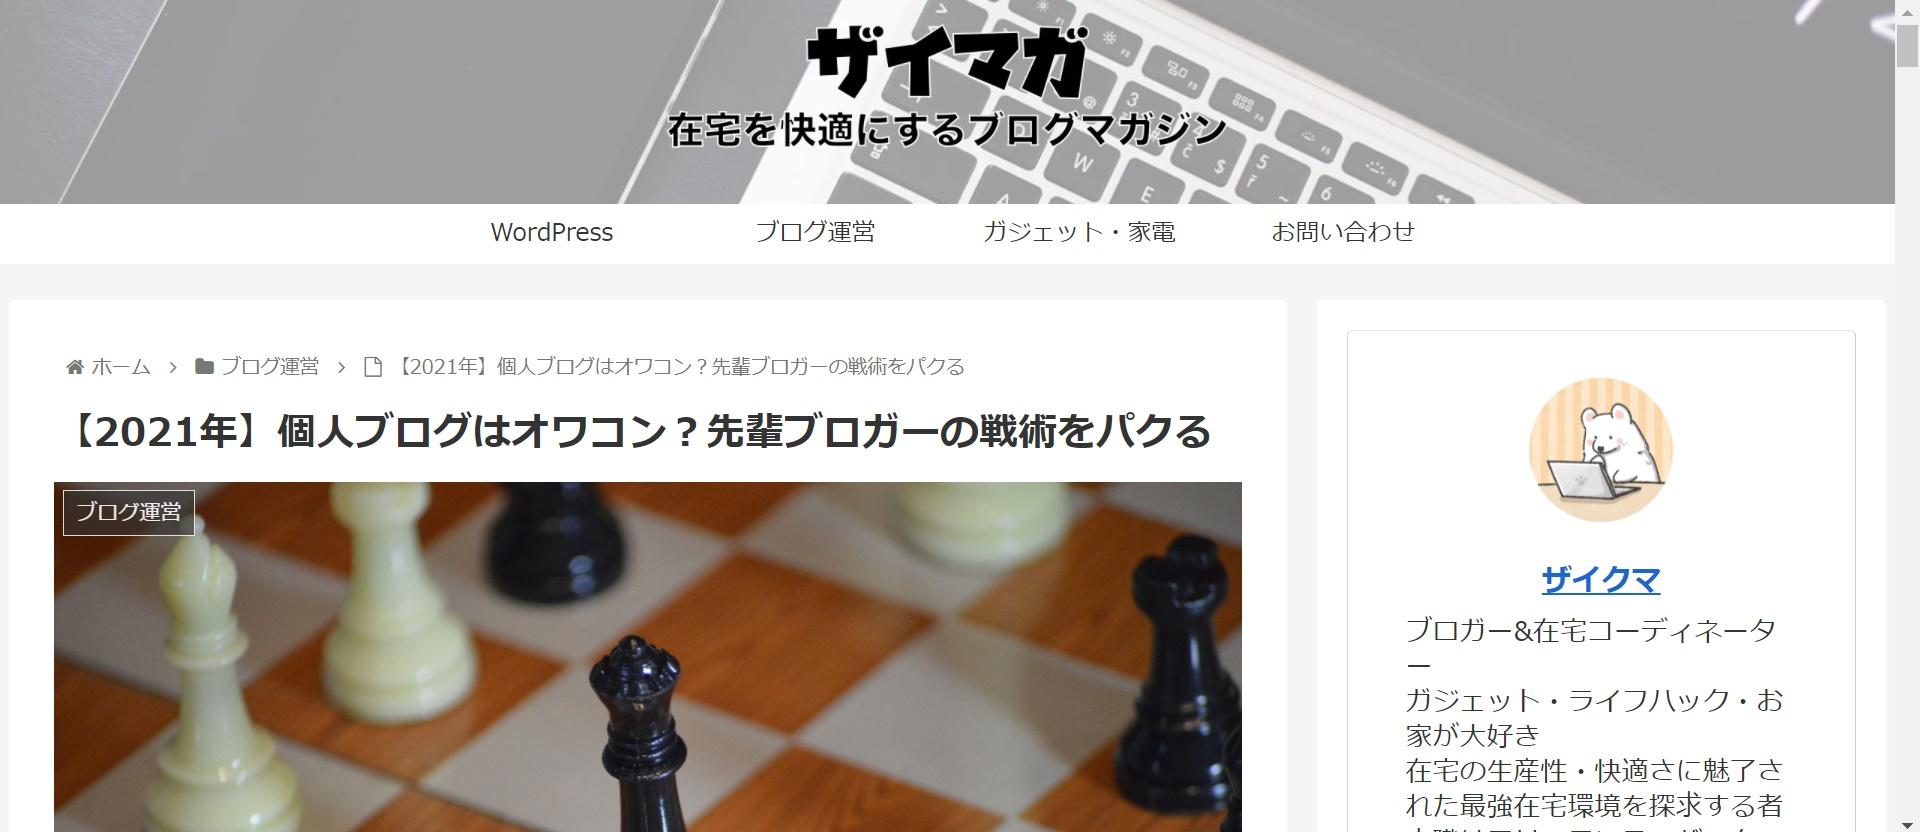 ザイクマさんのブログ